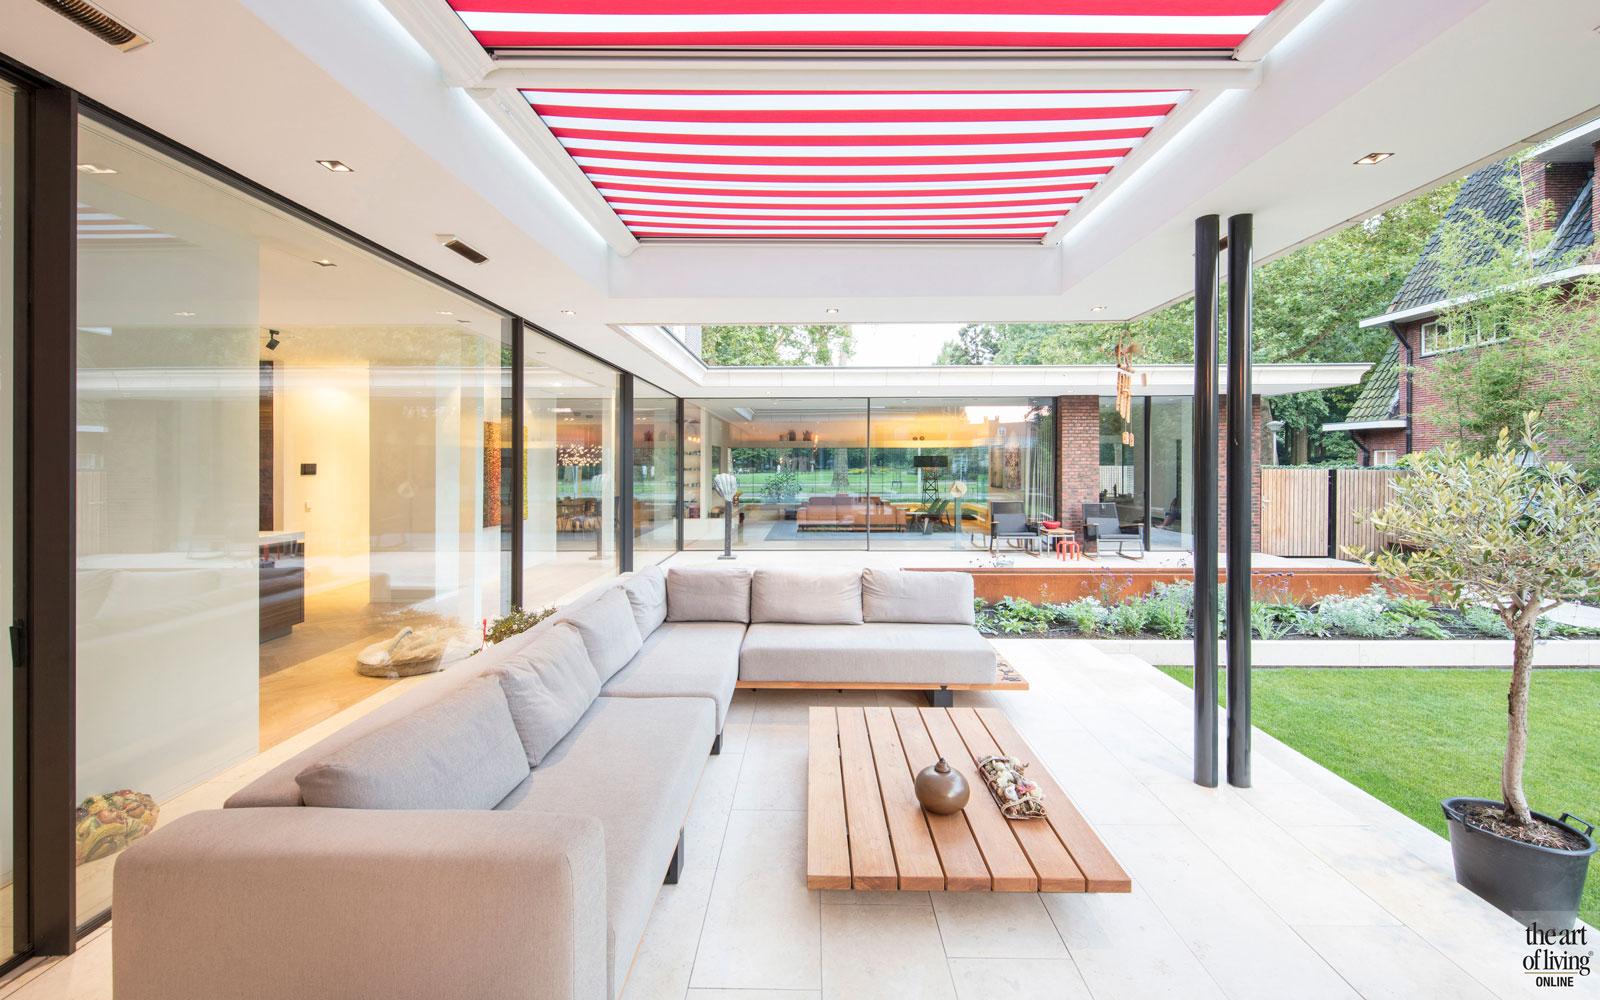 Tuin, buitenruimte, terras, overkapping, zonwering, PUUR groenprojecten, Hoverniersbedrijf Kolsters, modern en eigentijds, De Bever Architecten